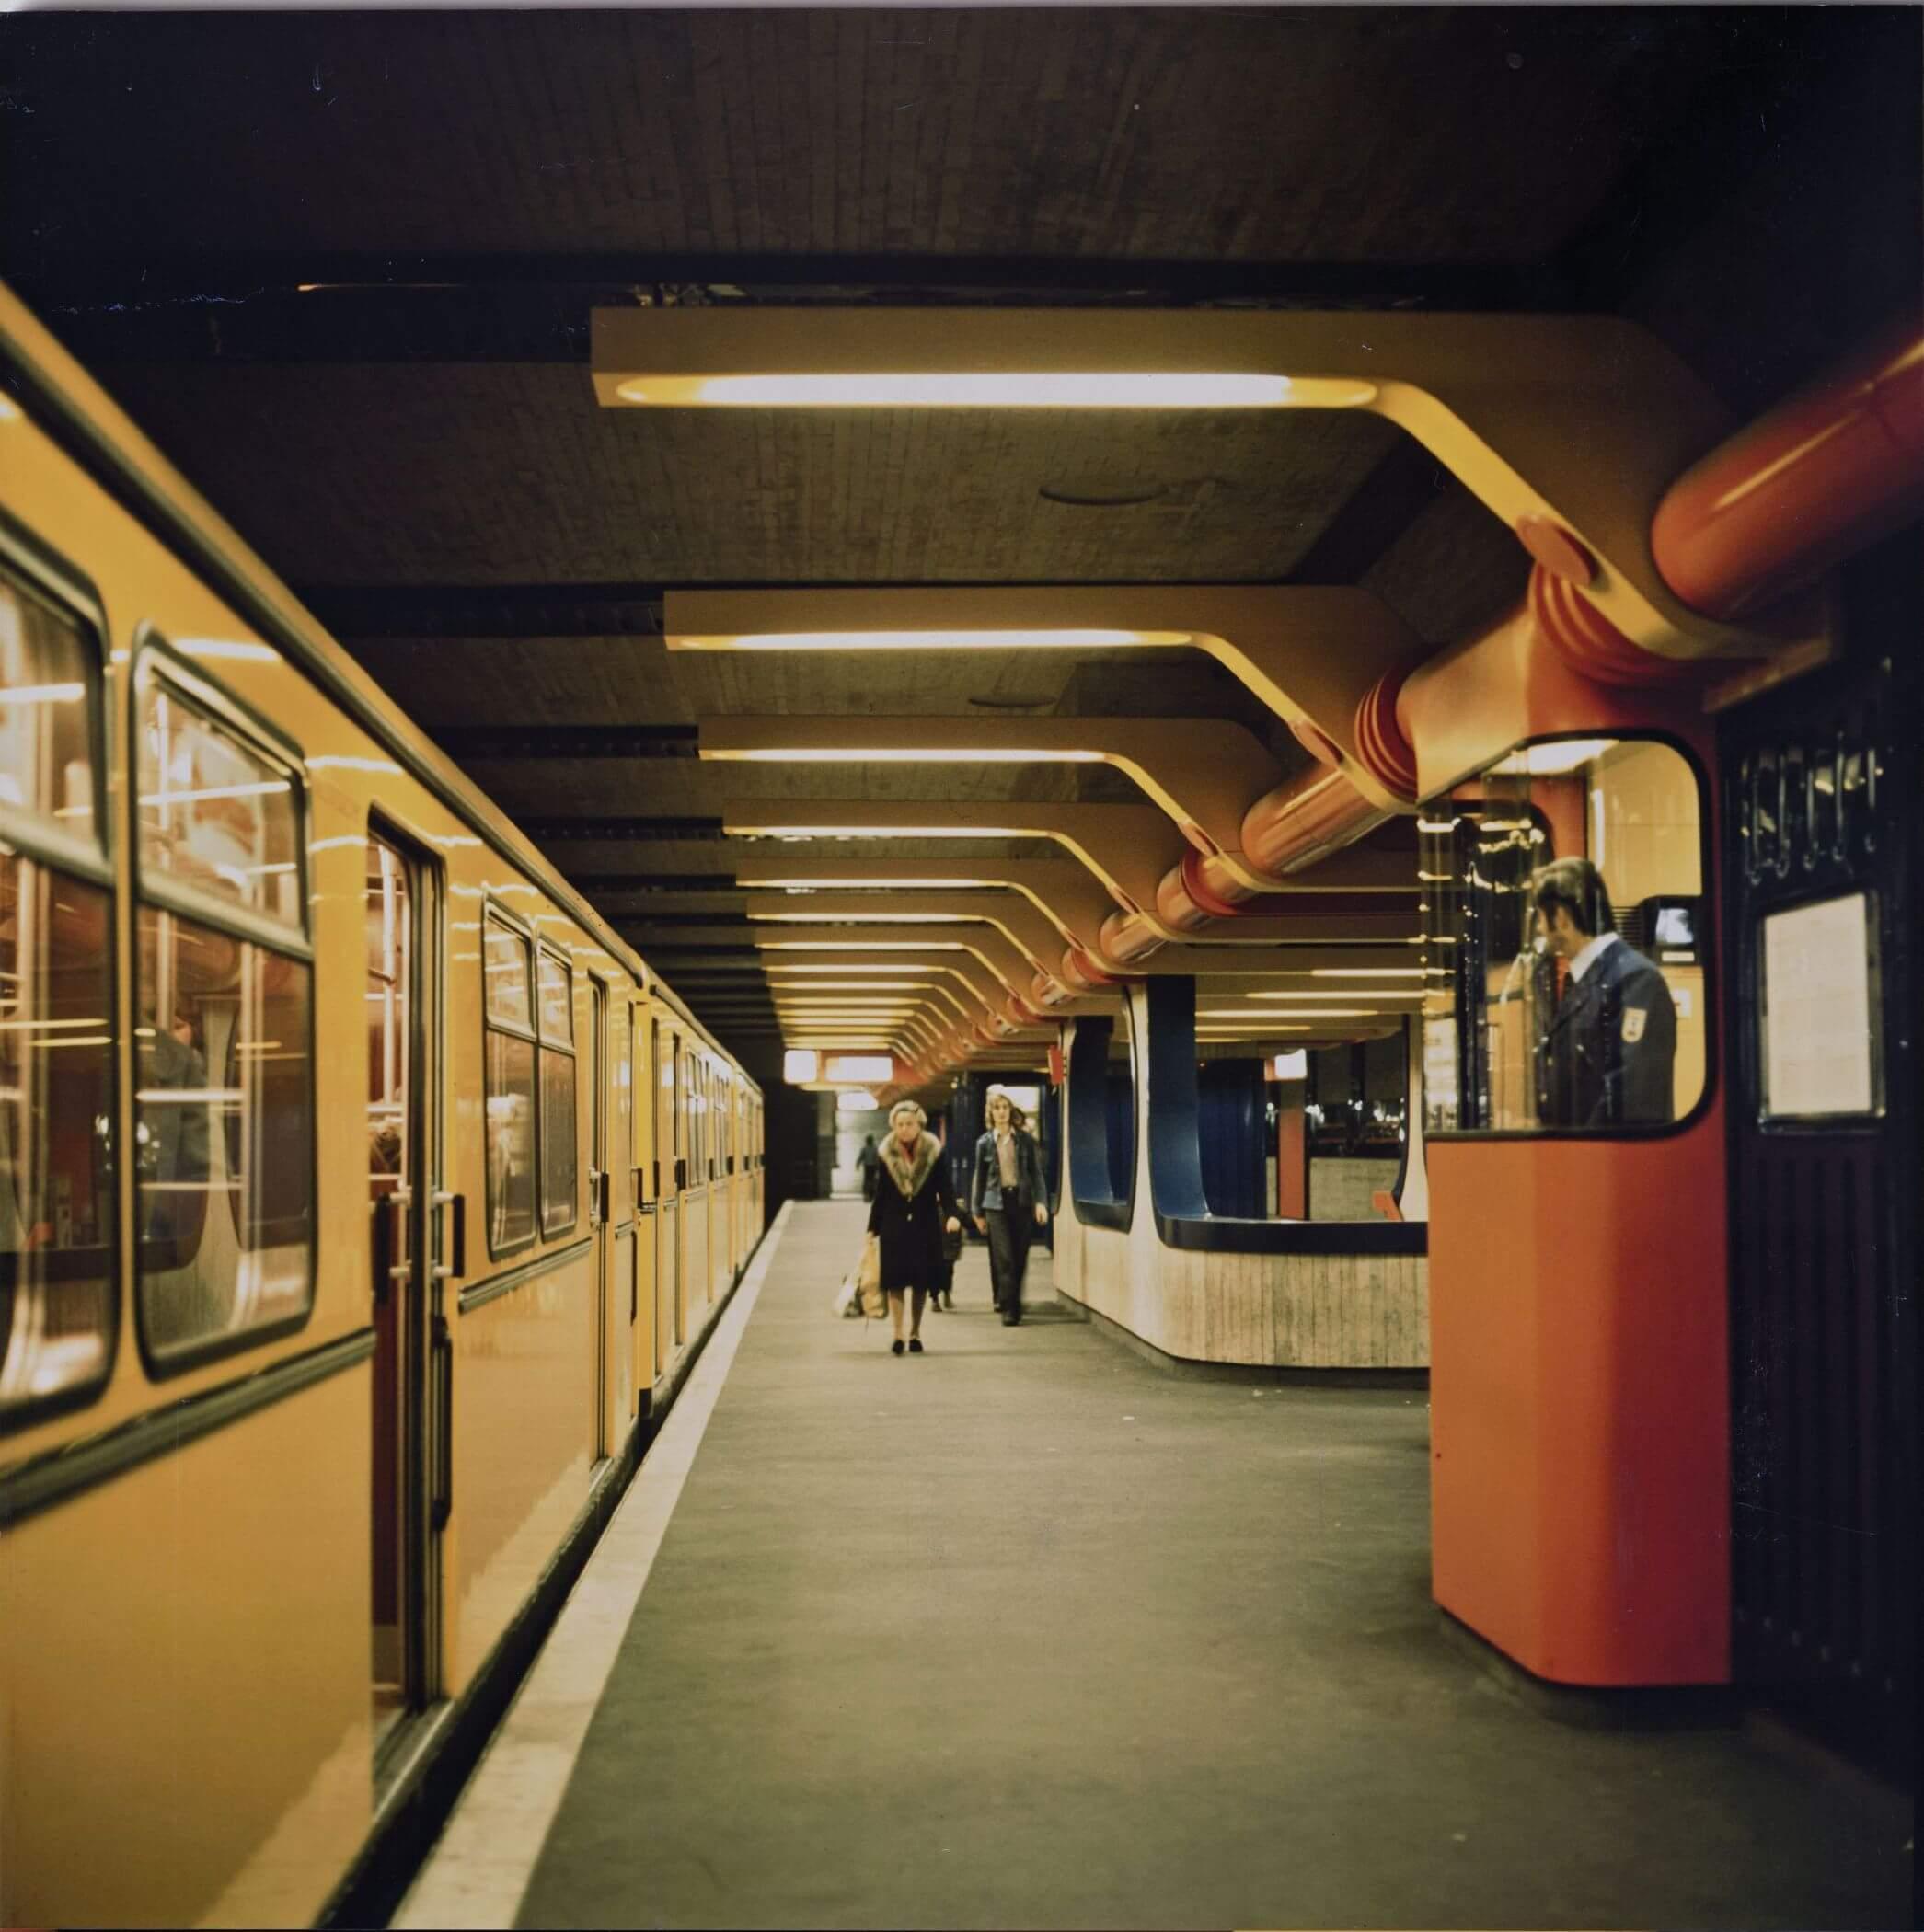 Ralf Schüler und Ursulina Schüler-Witte  U-Bahnhof Schloßstraße, Bahnsteig  1974, Berlinische Galerie © Berlinische Galerie